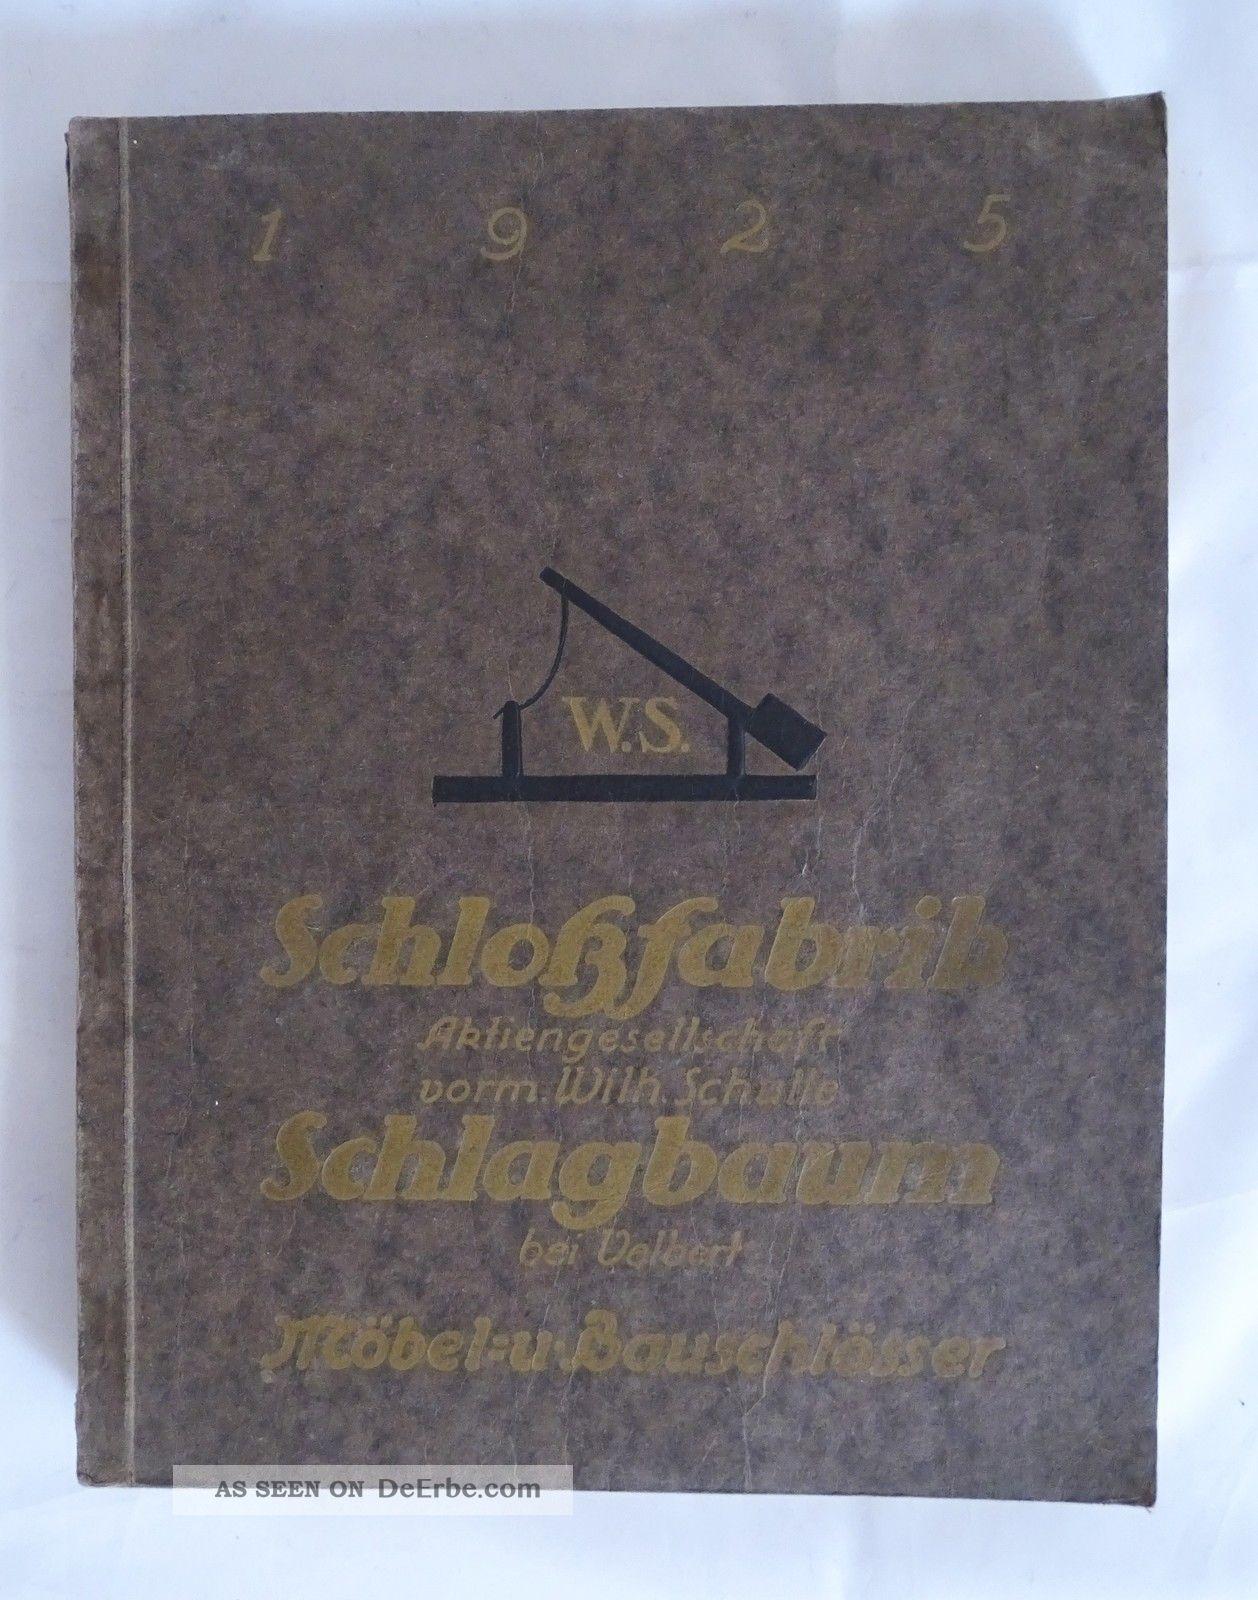 Musterbuch Schlossfabrik Schlagbaum Wilh Schulte Velbert Möbel Bauschlösser 1925 Original, vor 1960 gefertigt Bild